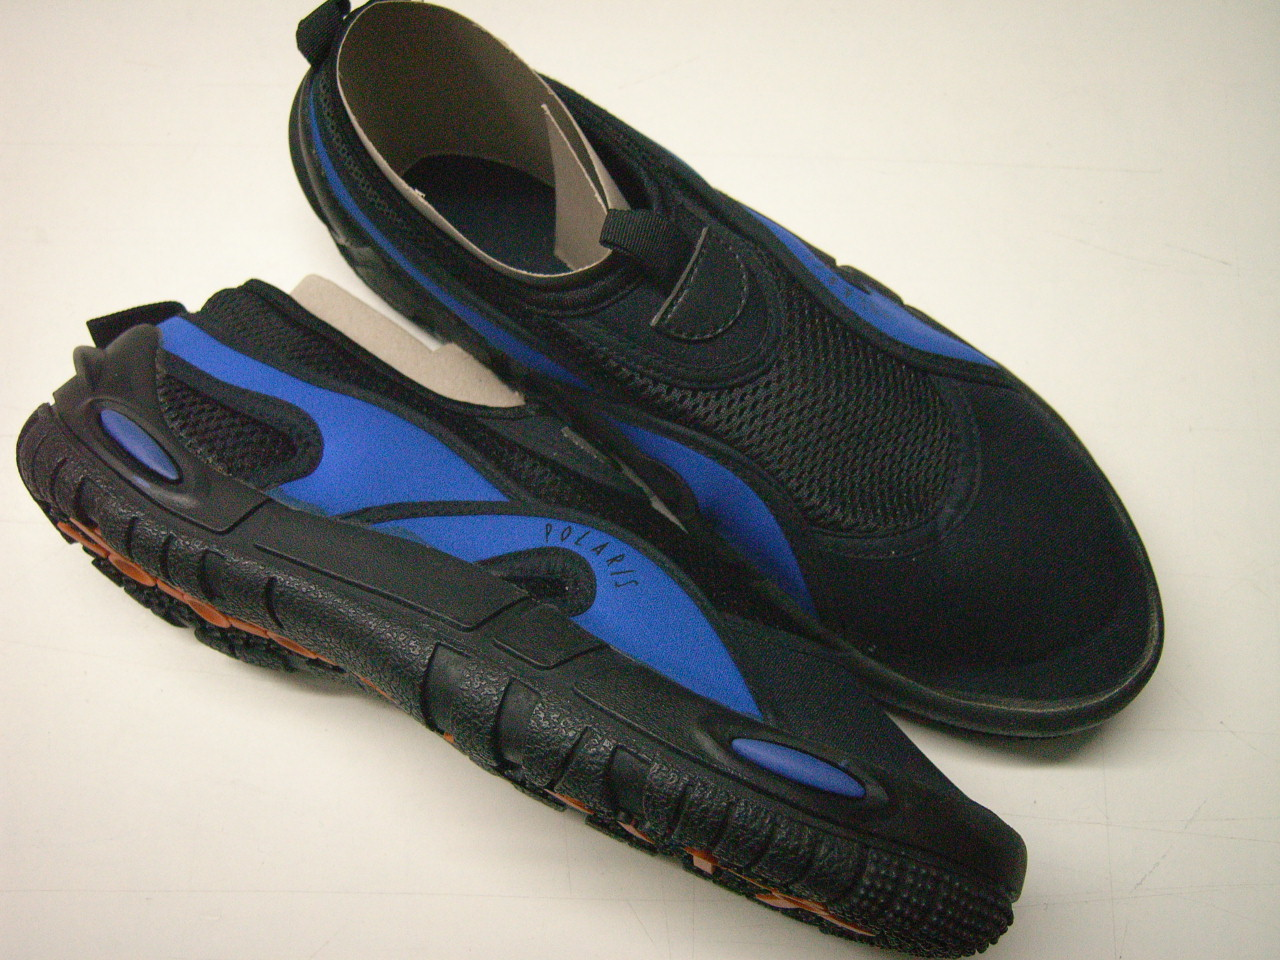 Wassersportschuhe, Aqua Shoes